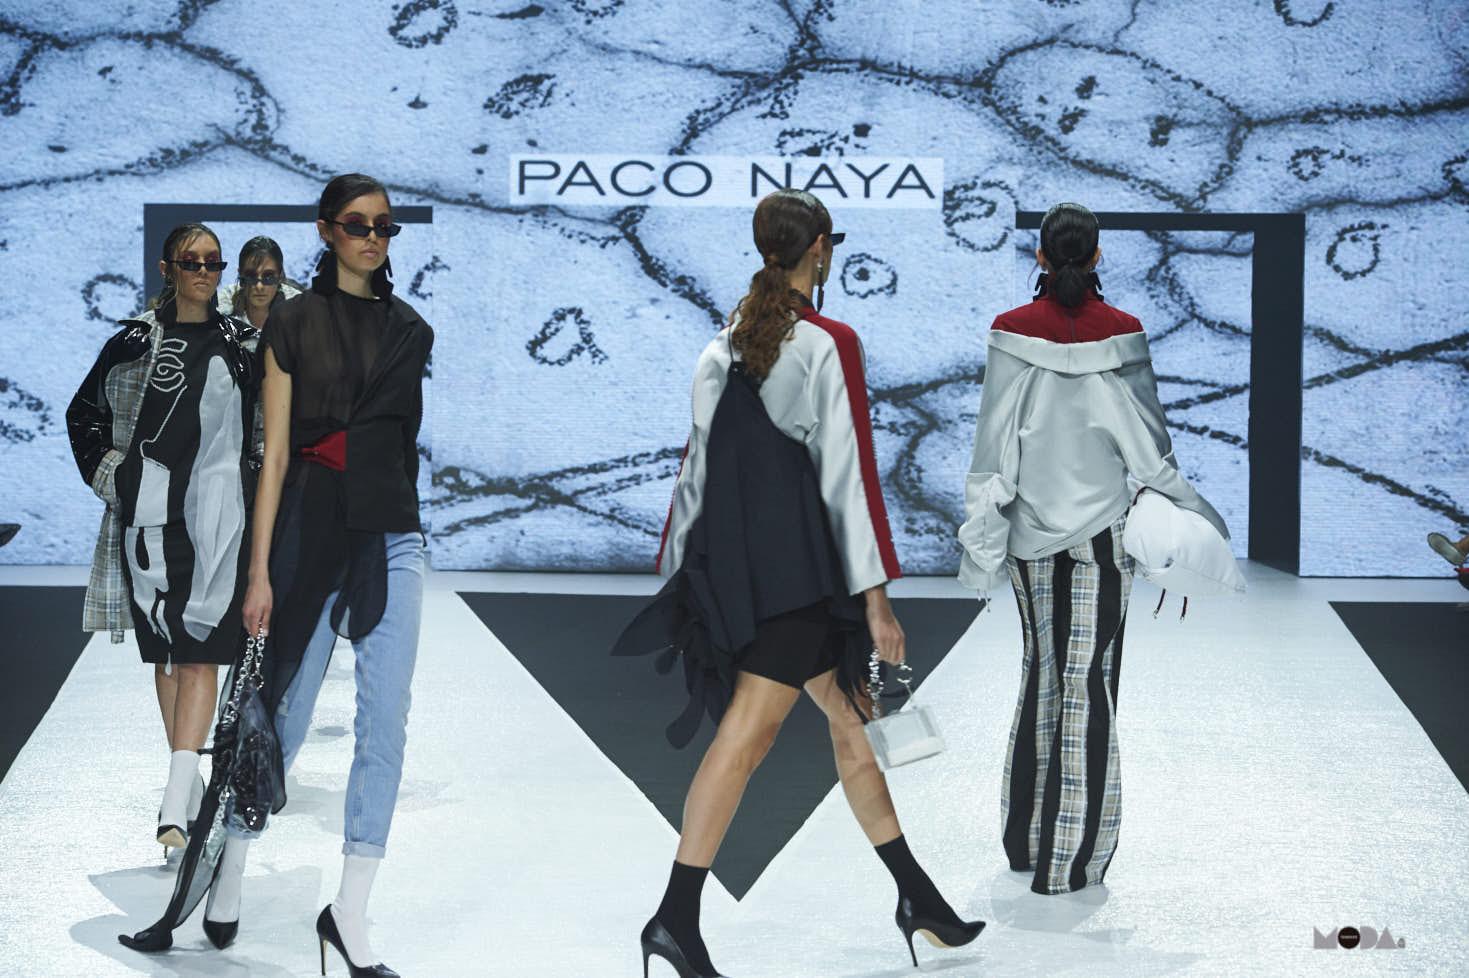 FOTO 2.- PACO NAYA PASE